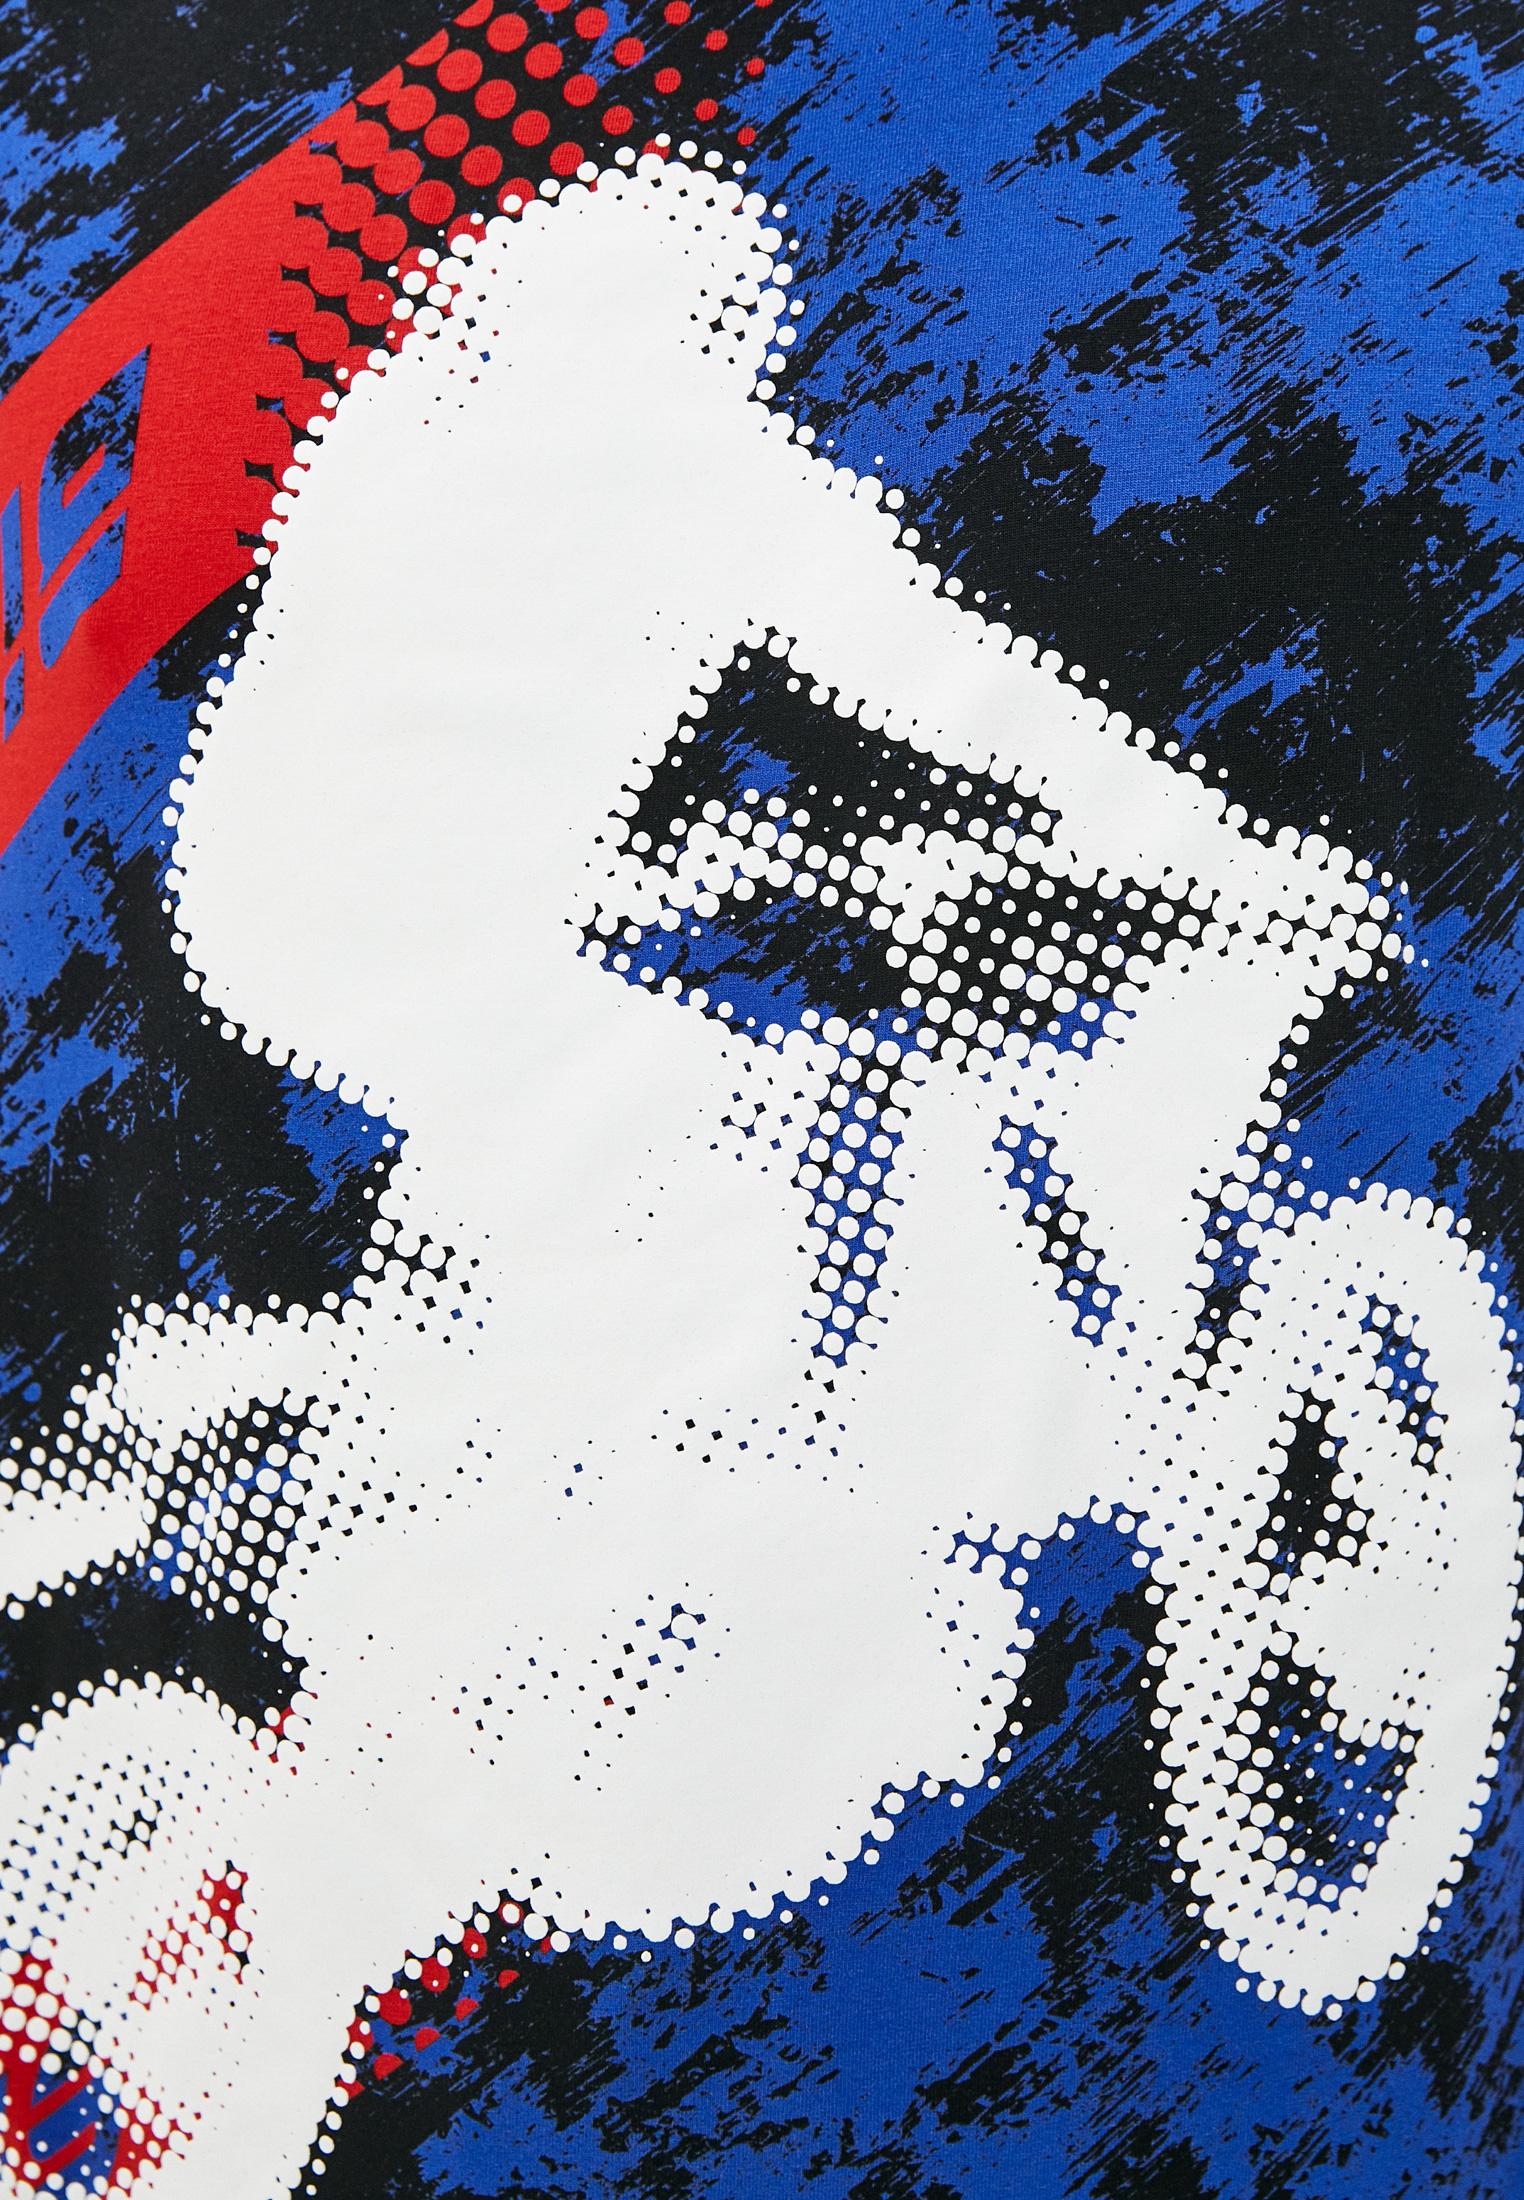 Мужская футболка Bikkembergs (Биккембергс) C 7 001 7F E 2097: изображение 5